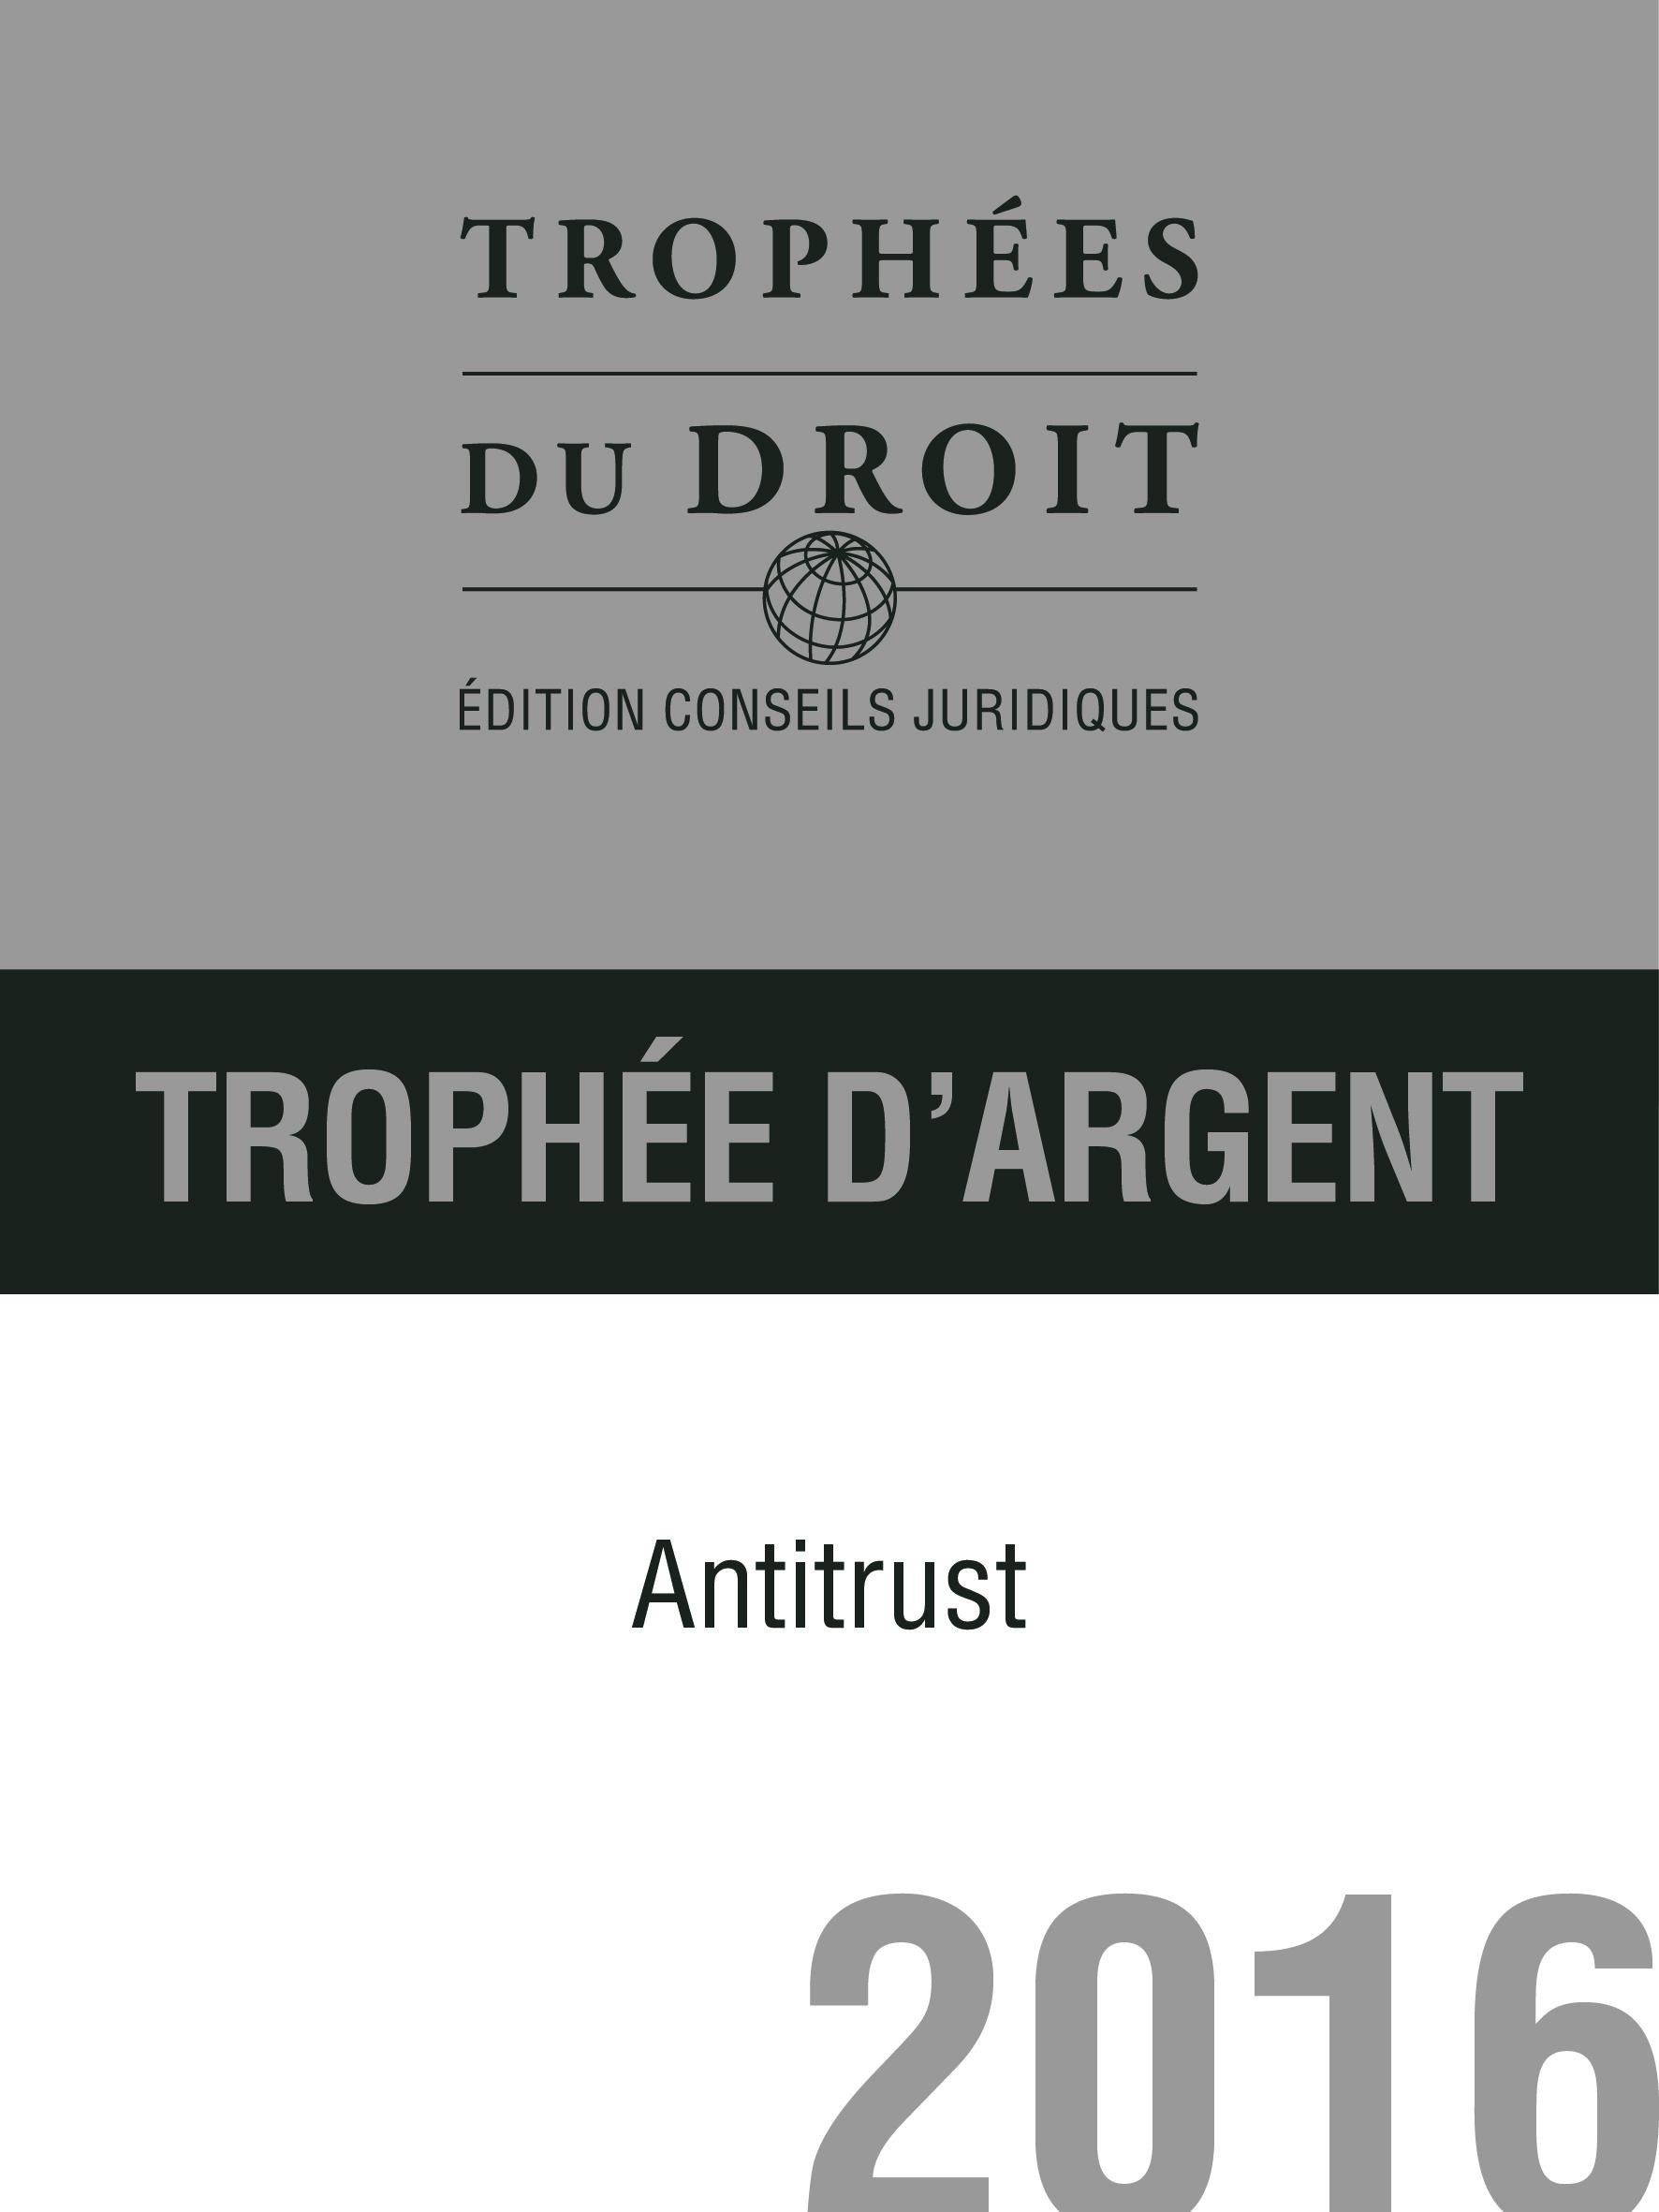 http://www.de-pardieu.com/wp-content/uploads/2016/03/Trophee_Argent_Antitrust-2016.jpg